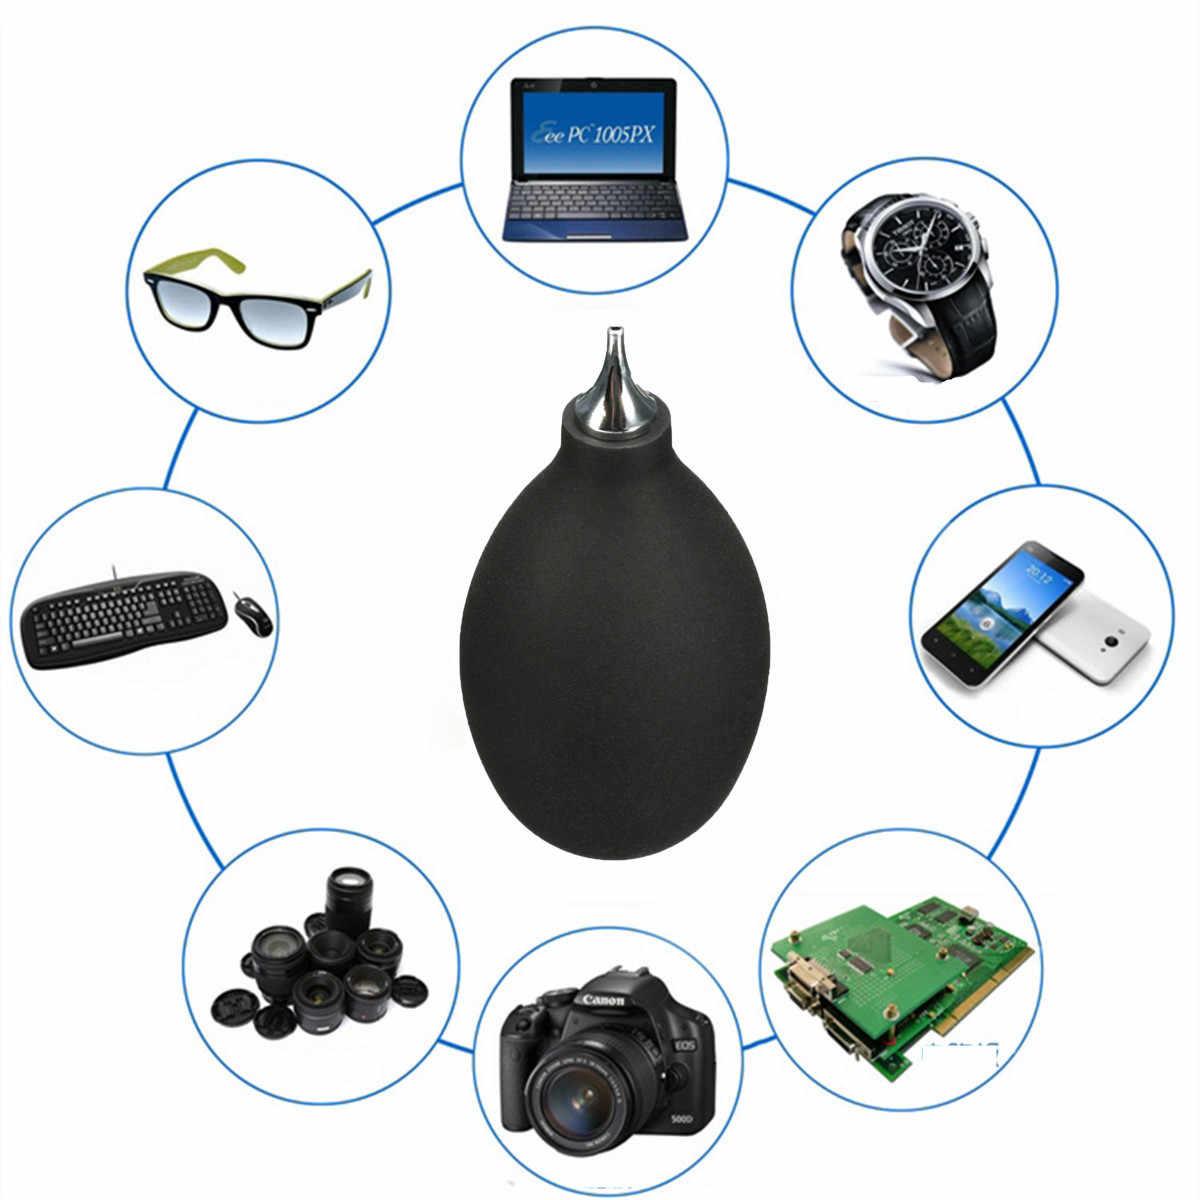 הנמוך ביותר מחיר שחור גומי מתכת פה מפוח אוויר משאבת אבק מנקה כלי עבור מצלמה שעון טלפון מקלדת תיקון